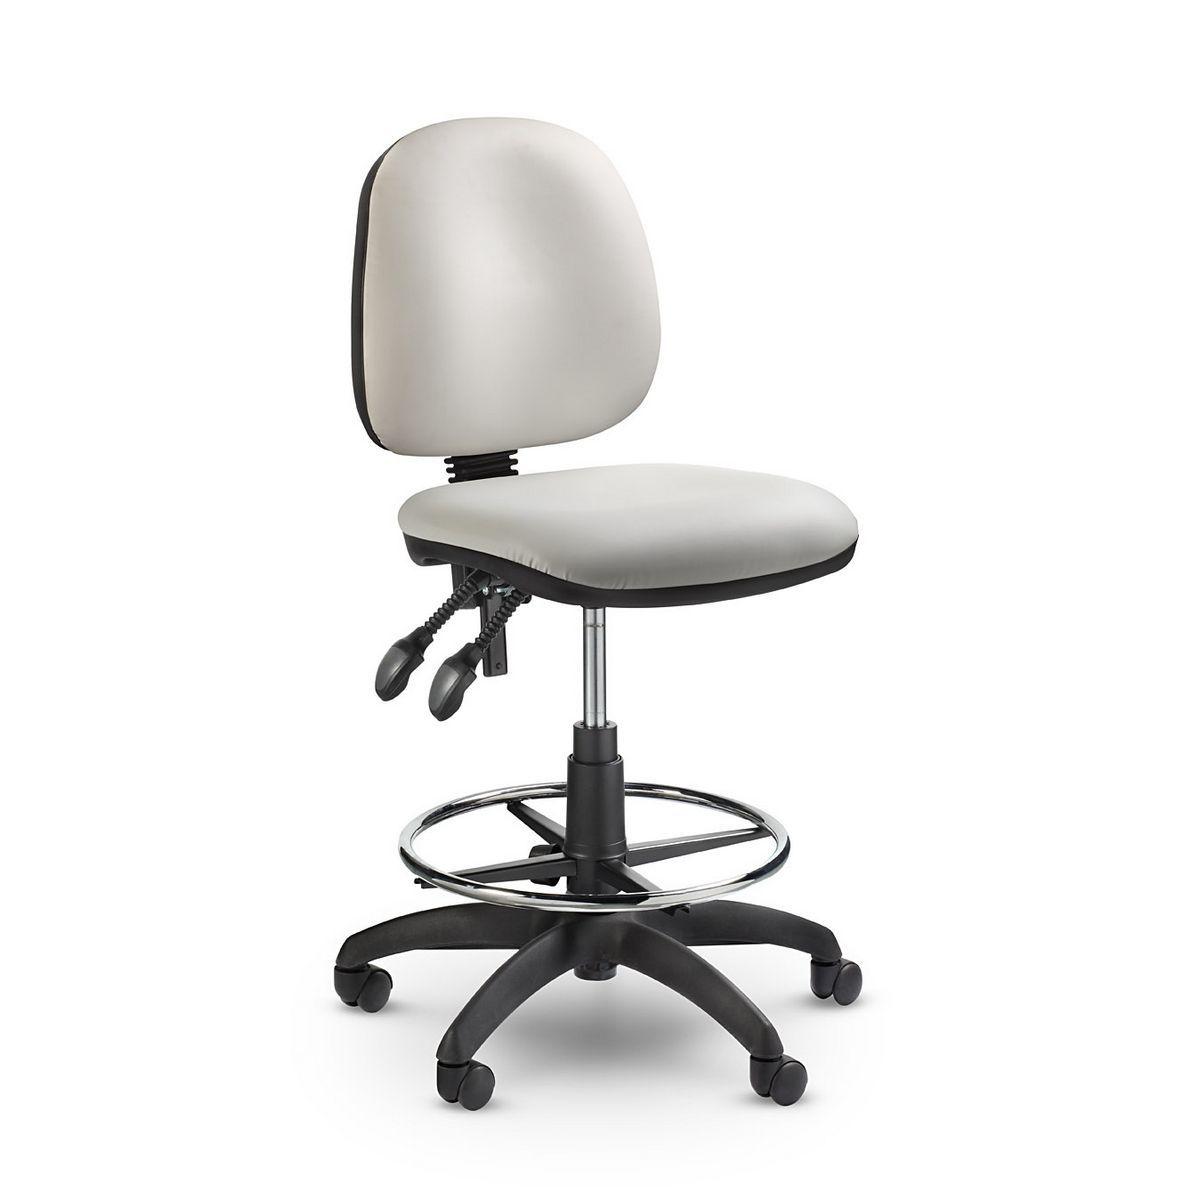 ניס כיסא טיפולים לקוסמטיקאית: אורטופדי בעל גובה משתנה - אלקטרו קנול XN-58